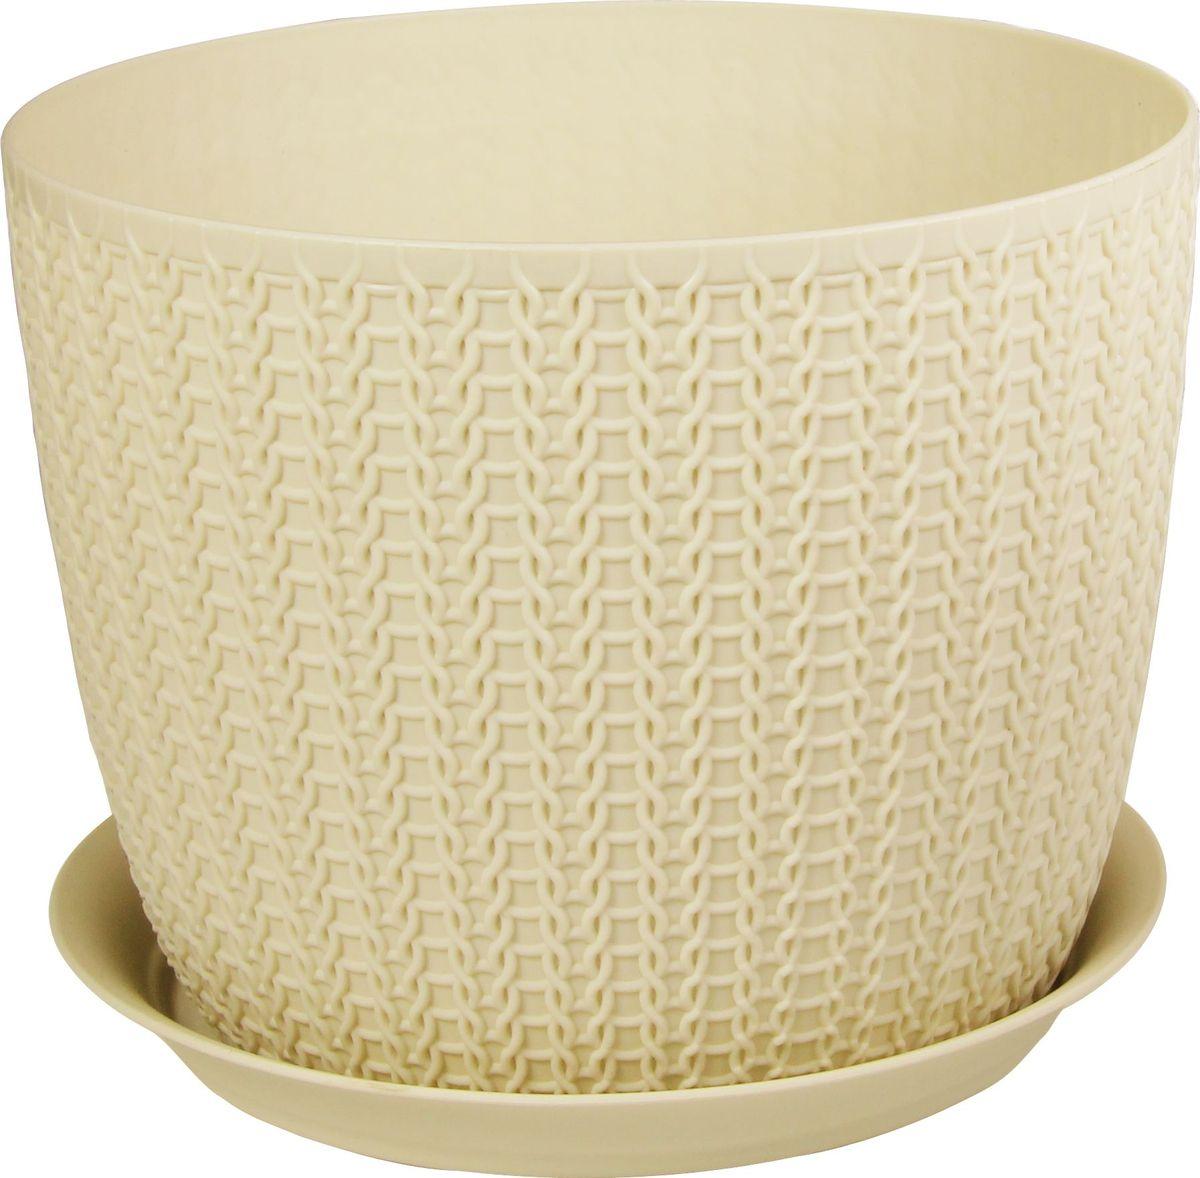 Кашпо Idea Вязание, с поддоном, цвет: белый ротанг, диаметр 18 см кашпо idea верона с подставкой цвет белый диаметр 18 см